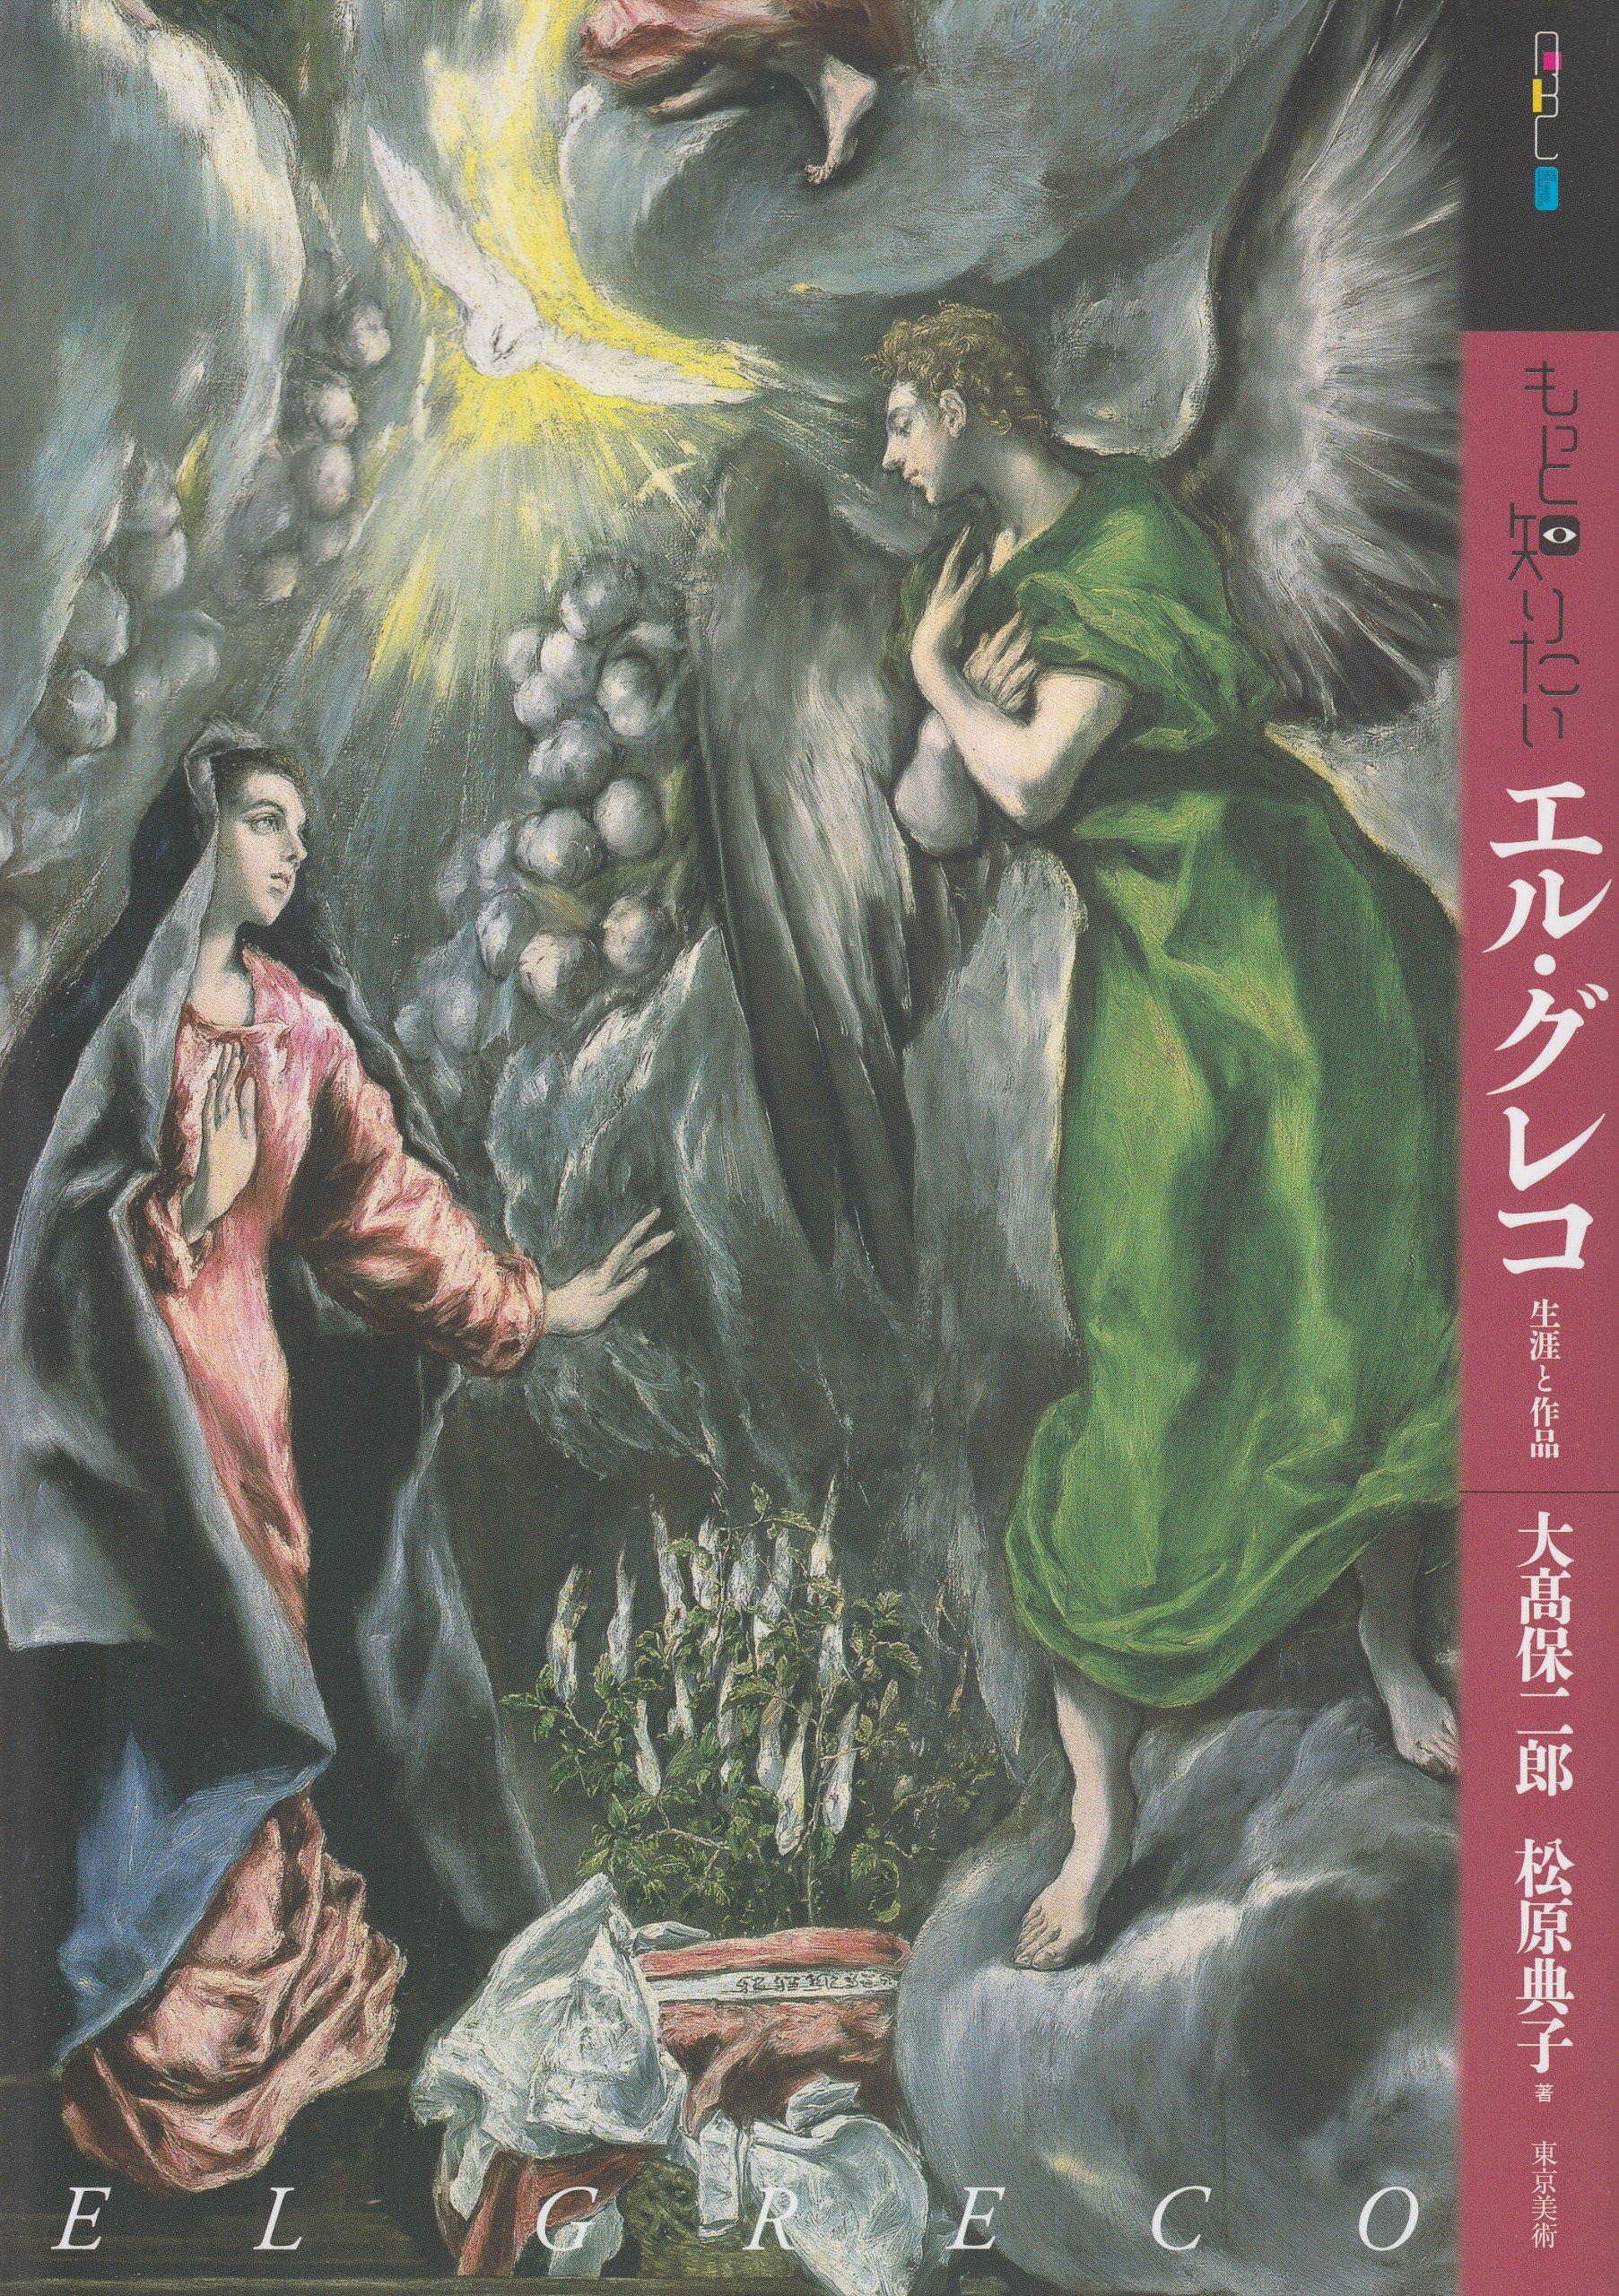 Read Online Motto shiritai eru gureko : Shogai to sakuhin. pdf epub